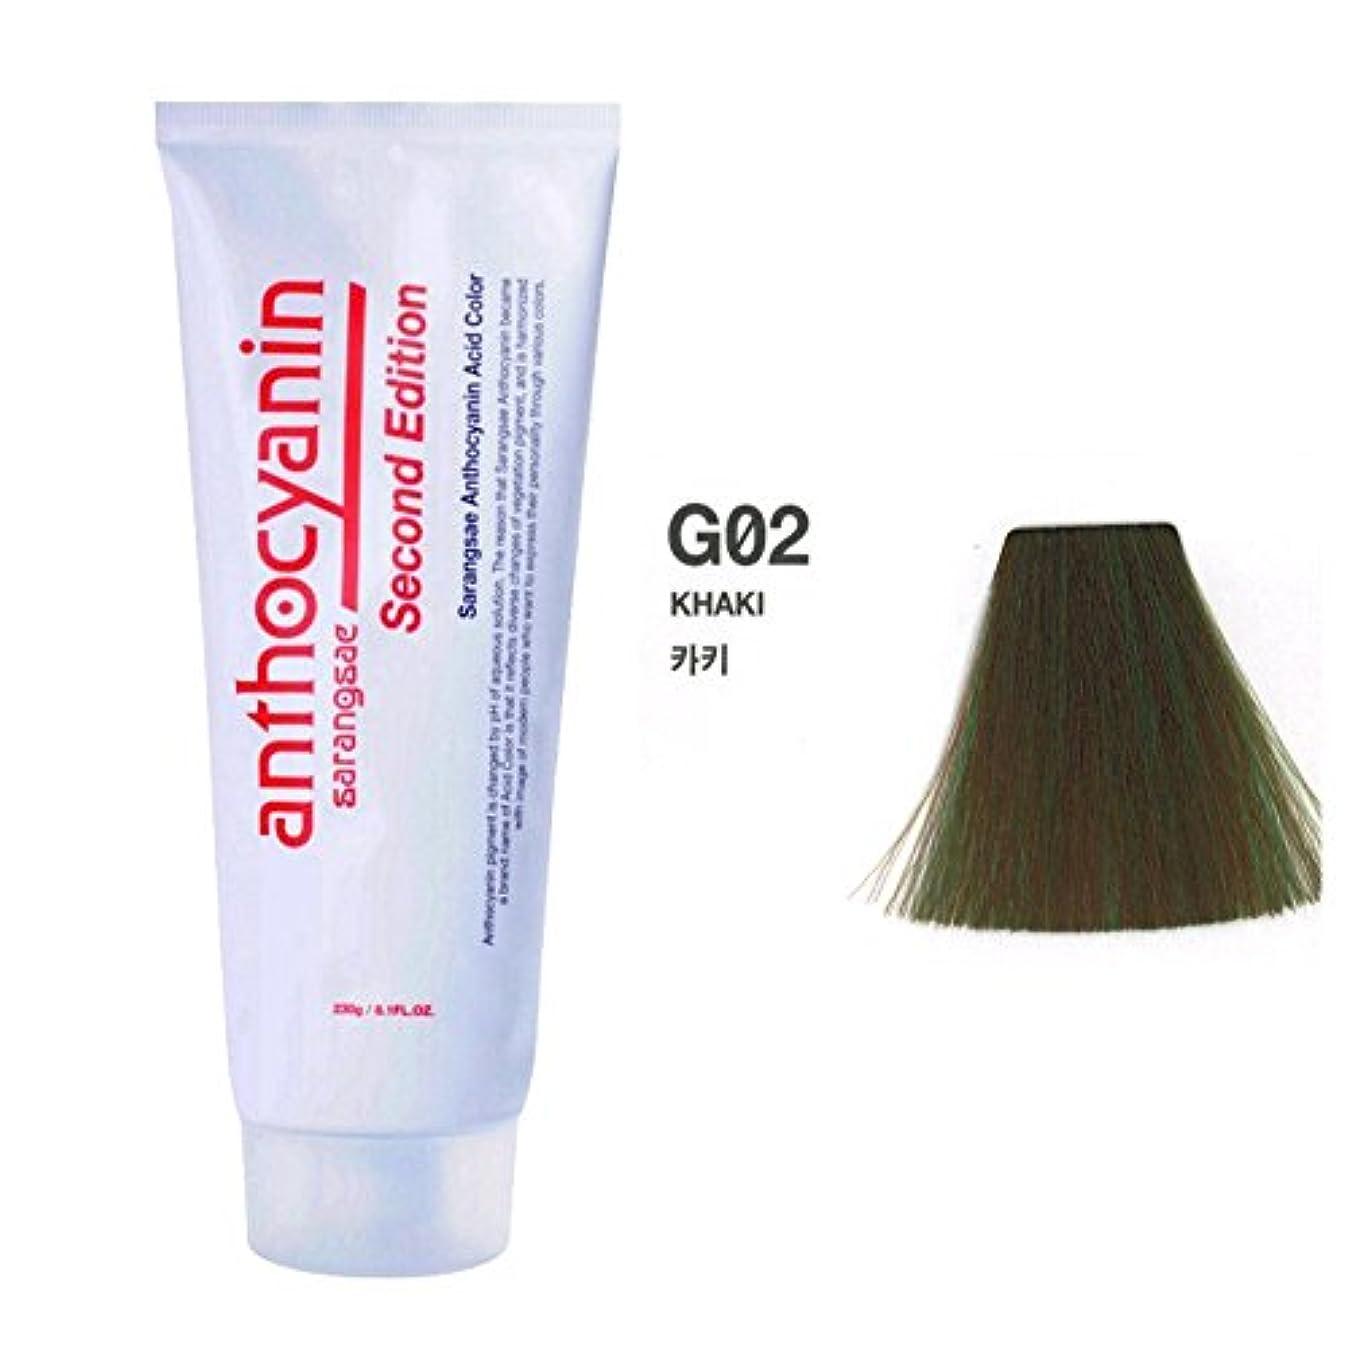 日付付きクロールリズミカルなヘア マニキュア カラー セカンド エディション 230g セミ パーマネント 染毛剤 (Hair Manicure Color Second Edition 230g Semi Permanent Hair Dye) [並行輸入品] (G02 Khaki)